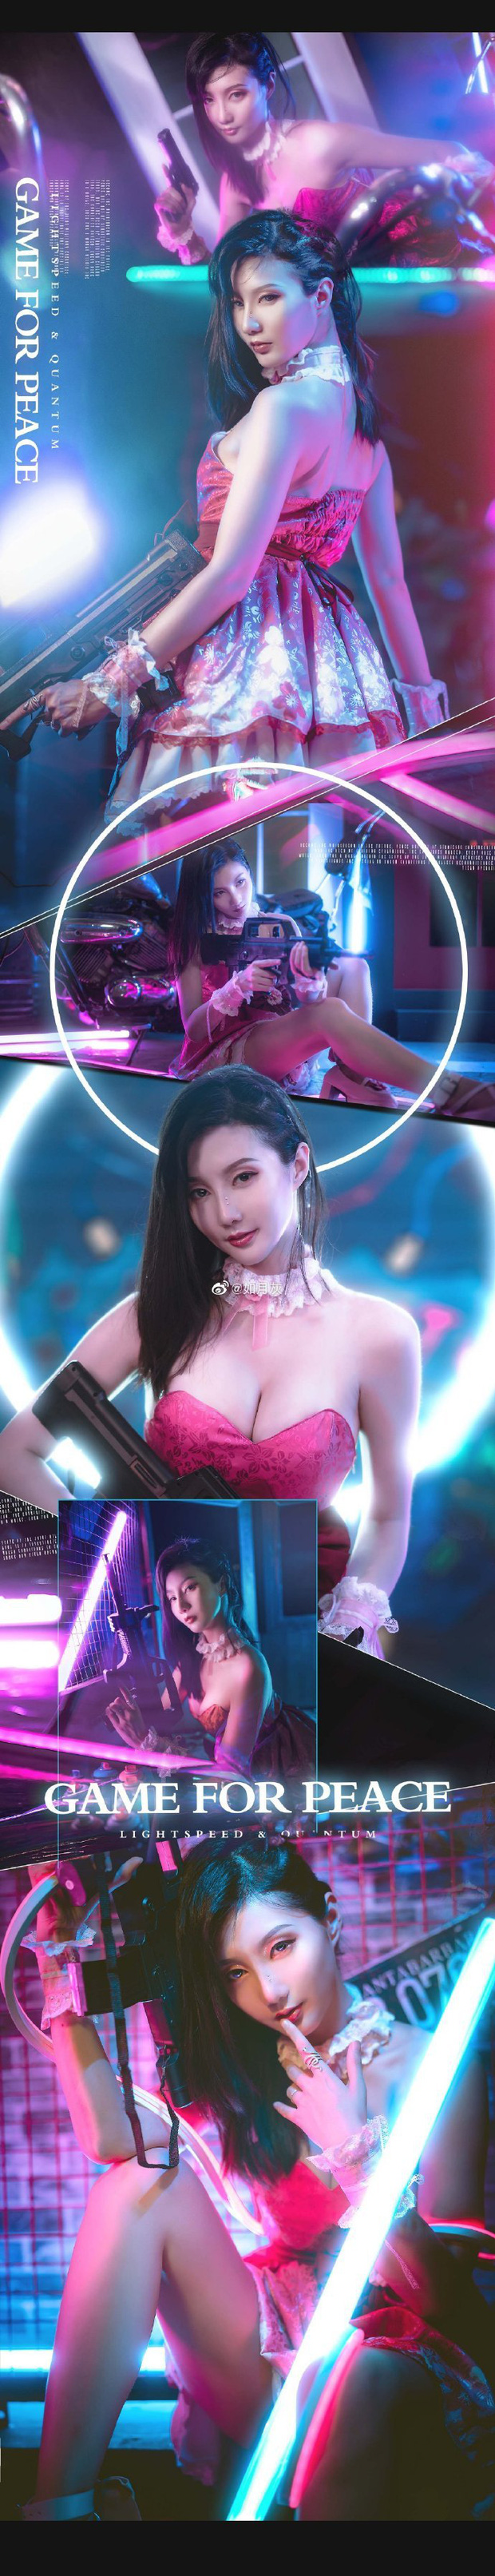 PUBG Mobile: Chiêm ngưỡng bộ ảnh cosplay cô nàng Chuyên gia xe cộ Sara đẹp lung linh với váy hồng điệu đà - Ảnh 7.